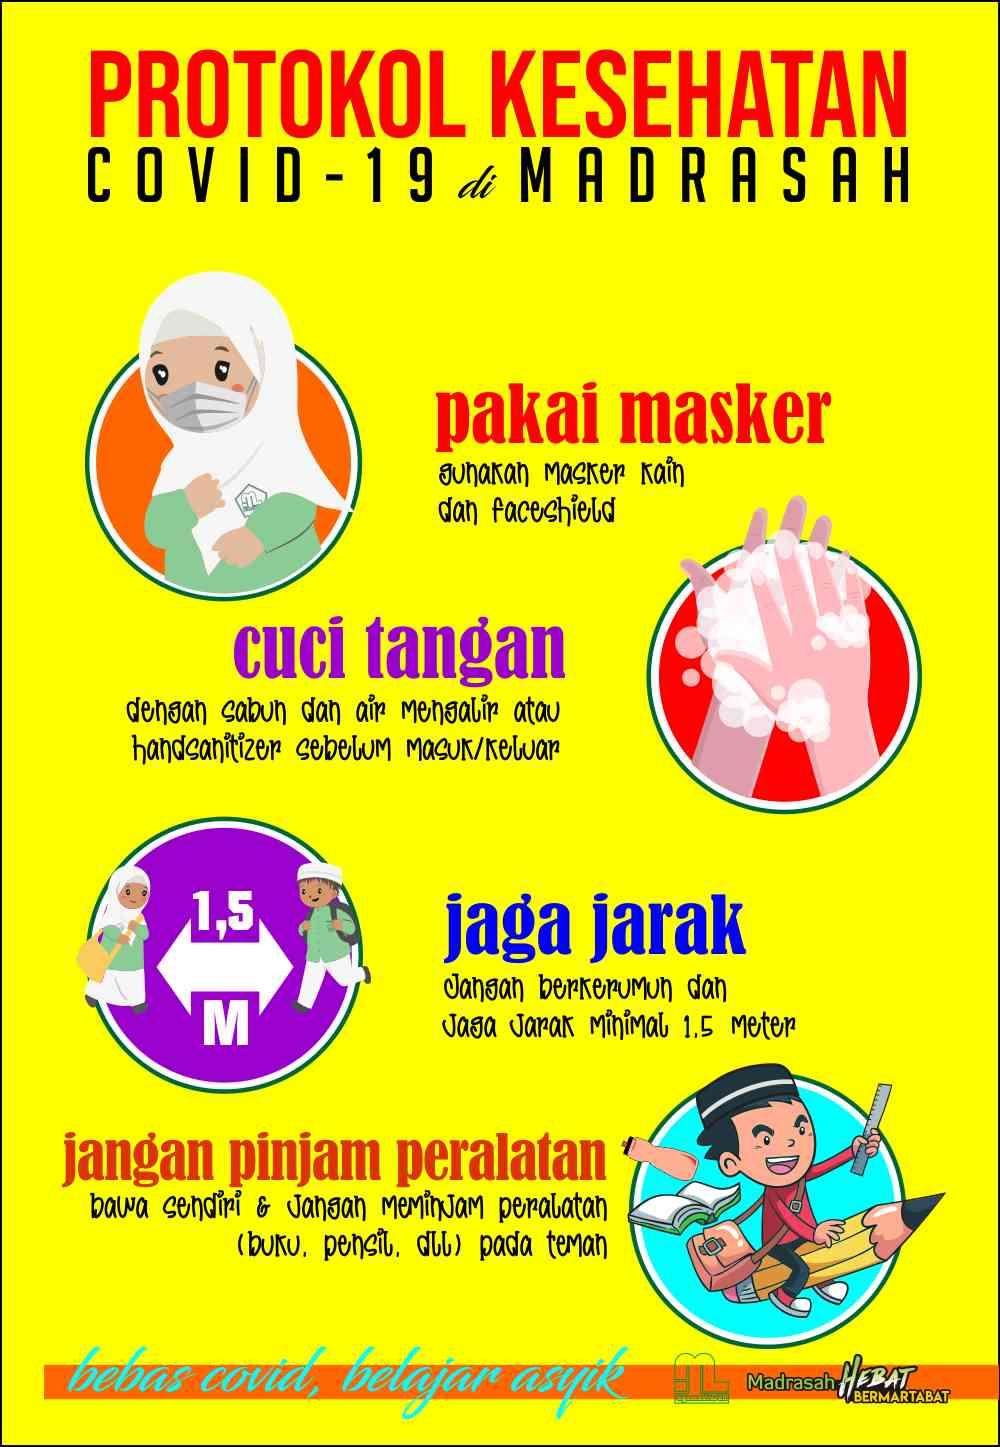 Contoh Poster Protokol Kesehatan Di Sekolah Ayo Madrasah